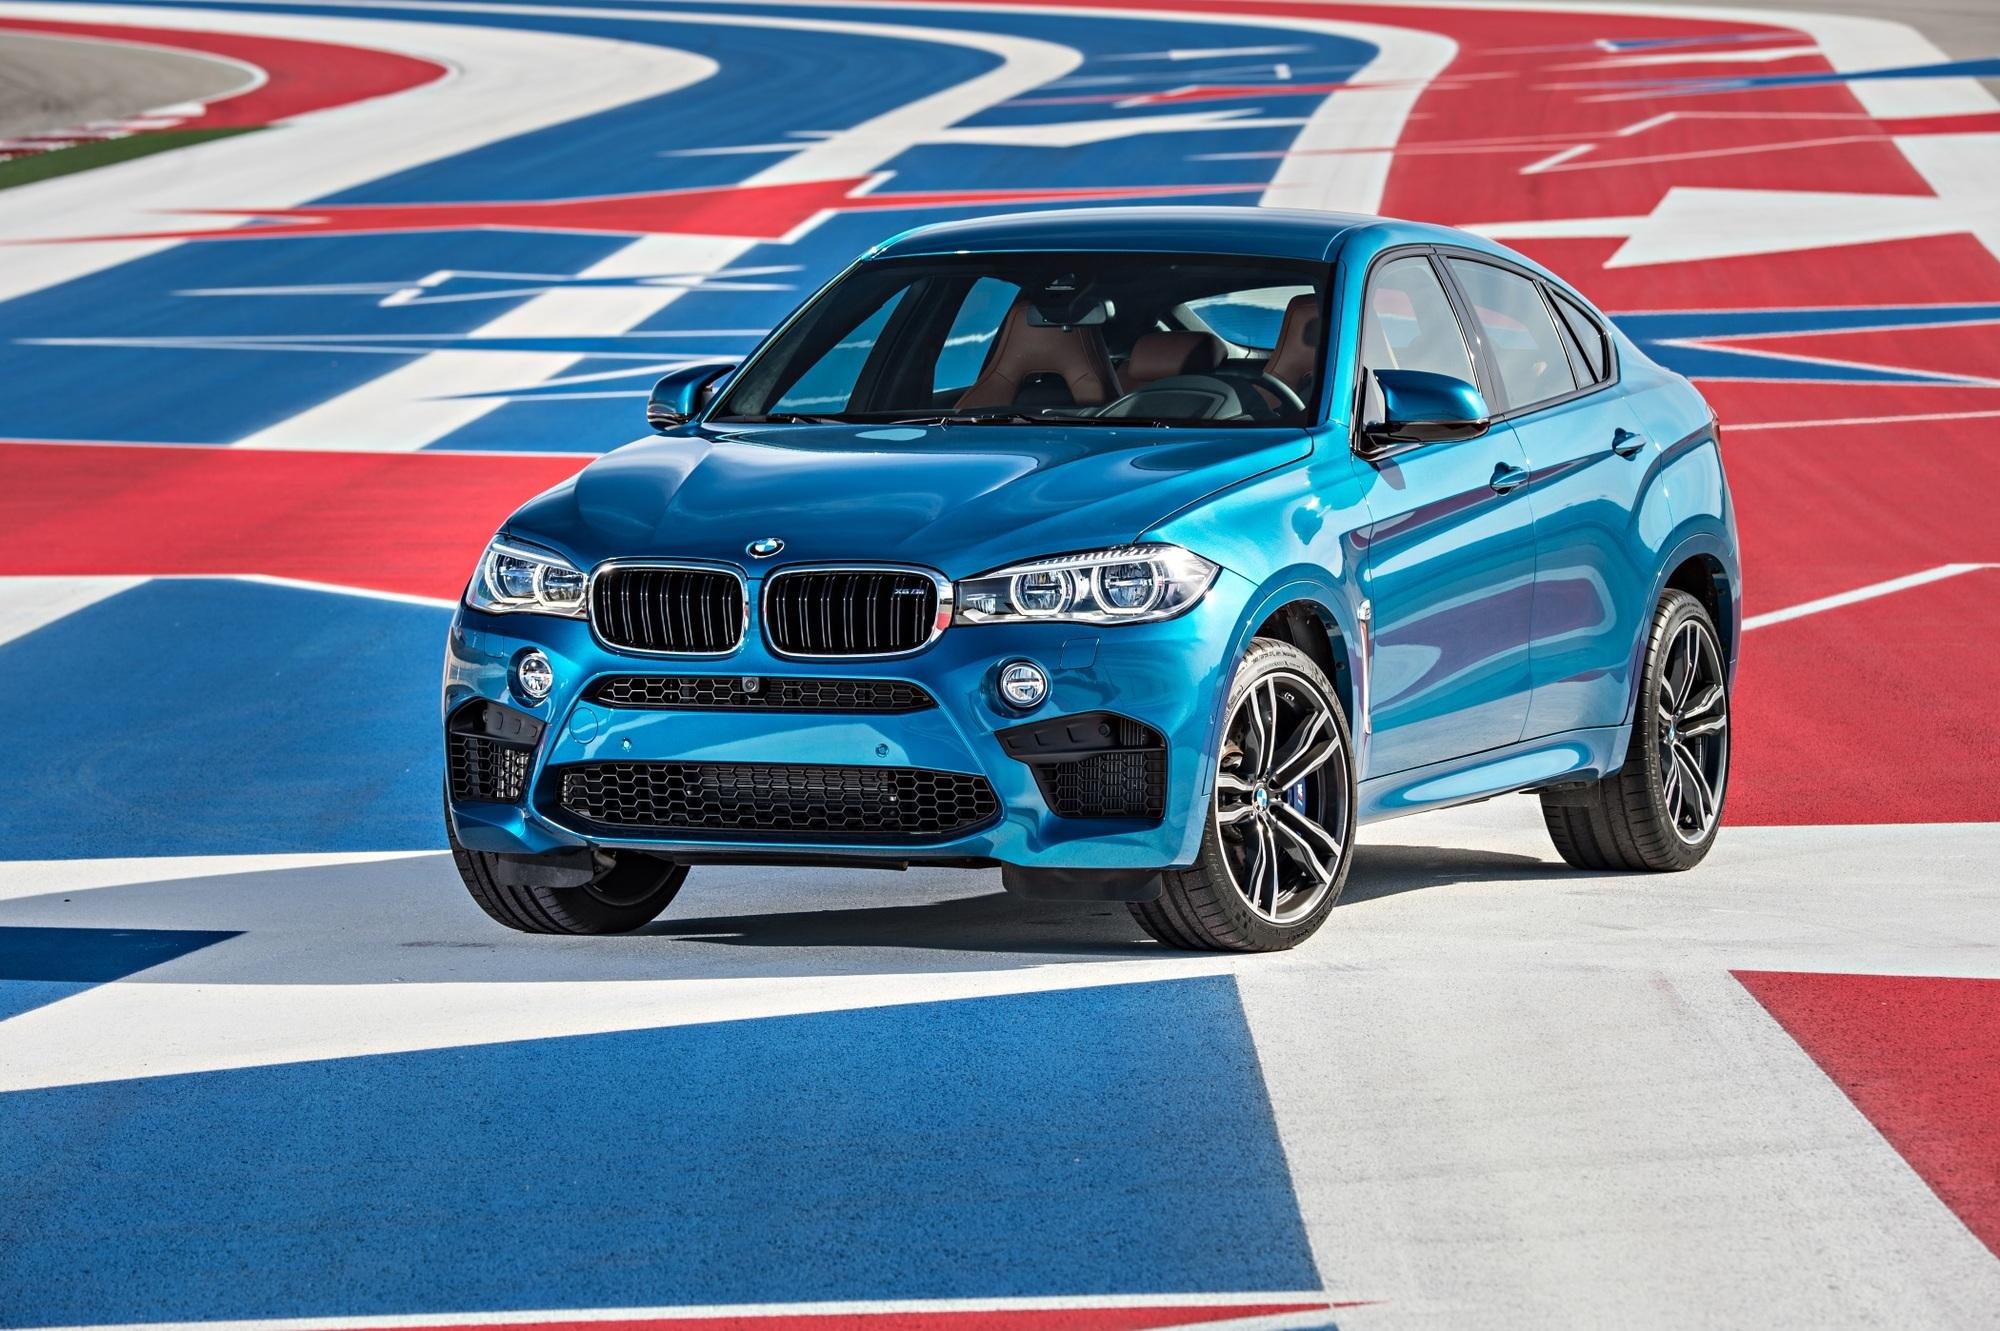 Fahrbericht: BMW X6 M - Die ungenierte Kraft